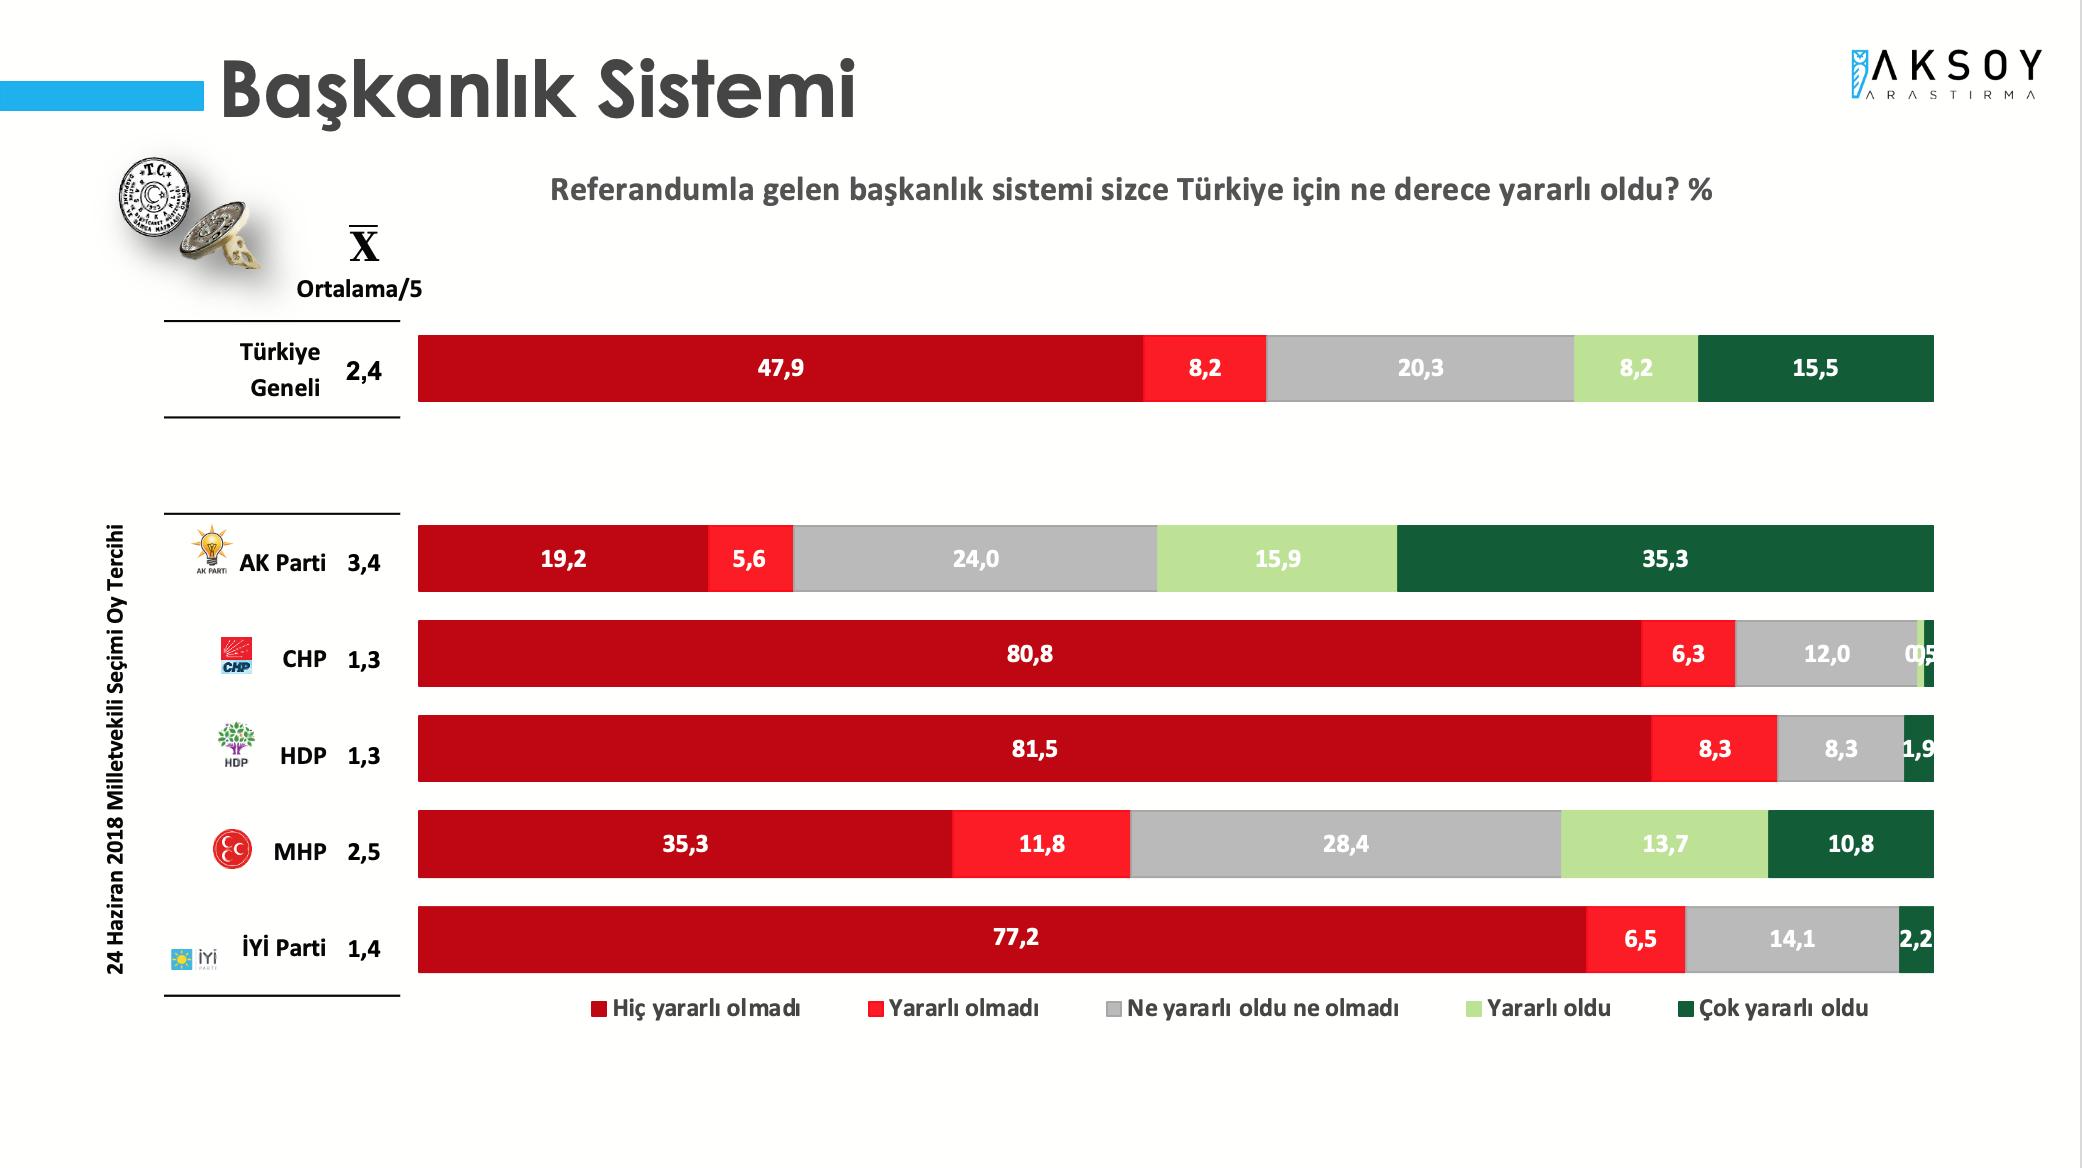 <p><strong>BAŞKANLIK SİSTEMİ YARARLI OLMADI</strong></p><p>Araştırma kapsamında yöneltilen, referandumla gelen başkanlık sistemi sizce Türkiye için ne derece yararlı oldu? sorusuna katılımcıların yüzde 56,1'i yararlı olmadı derken; katılımcıların sadece yüzde 23,7'si yararlı oldu yanıtını verdi.</p>